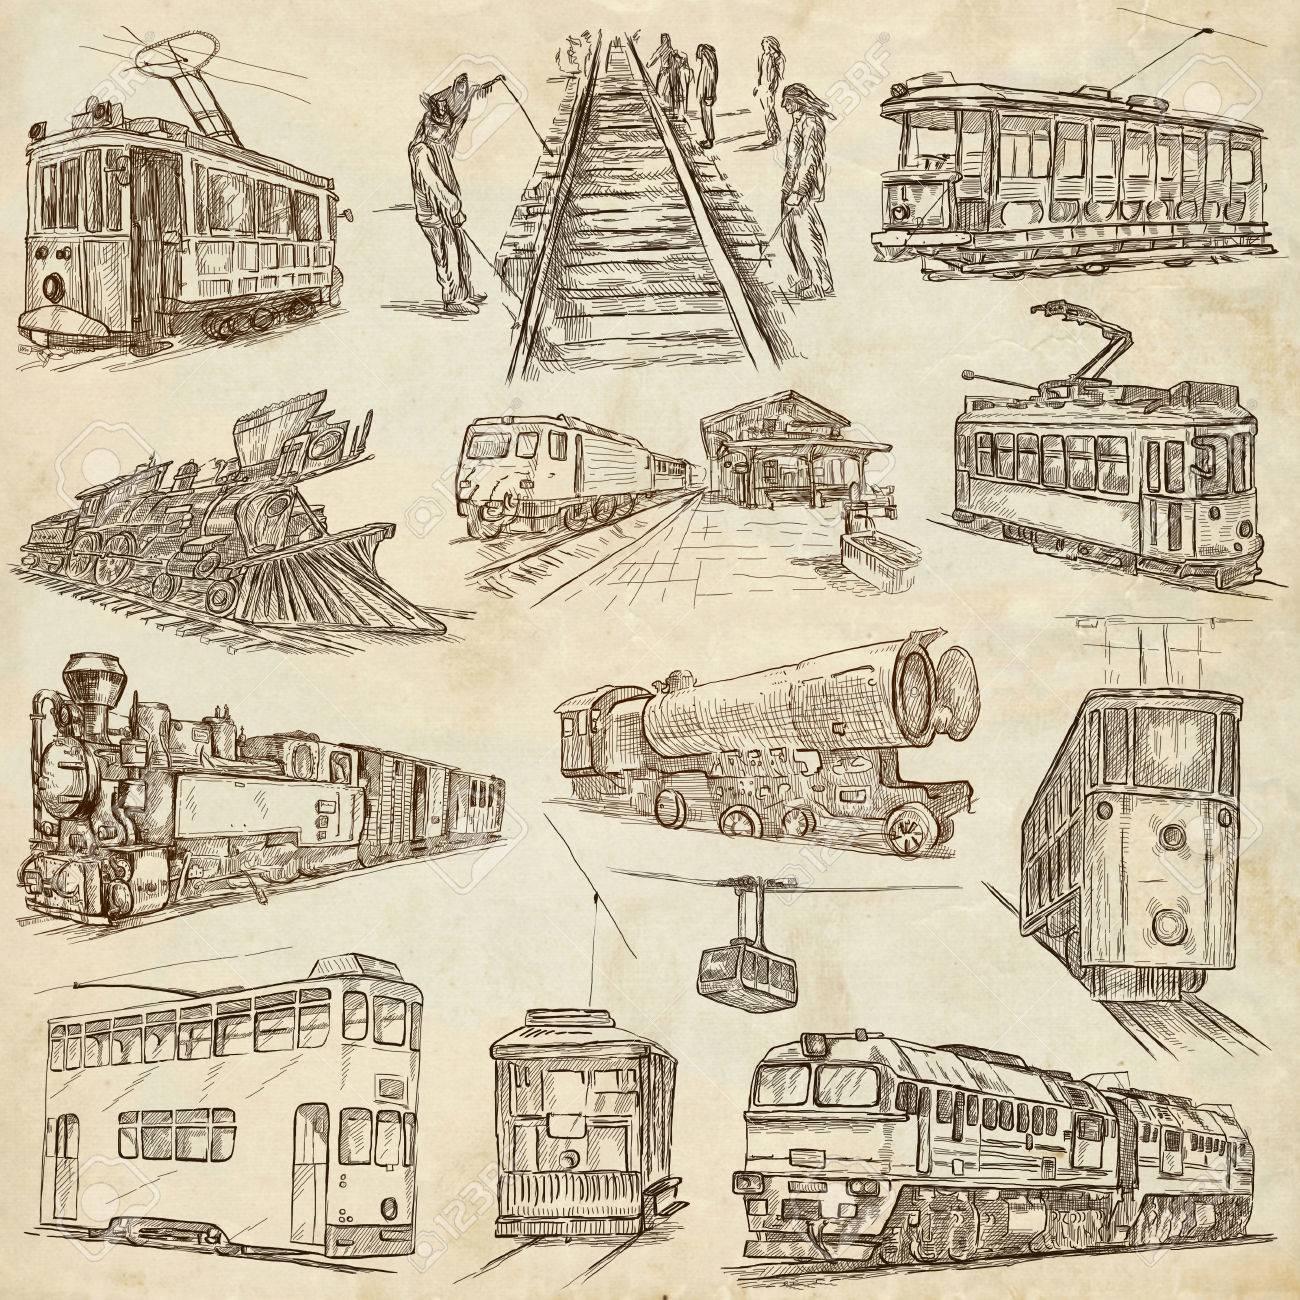 レール。電車やトラム。トランスポート。手書きイラストのコレクションです。完全なサイズ手のパックには、イラストが描かれています。フリーハンド  スケッチのセットです。ライン アートの手法。白の背景上に描画します。